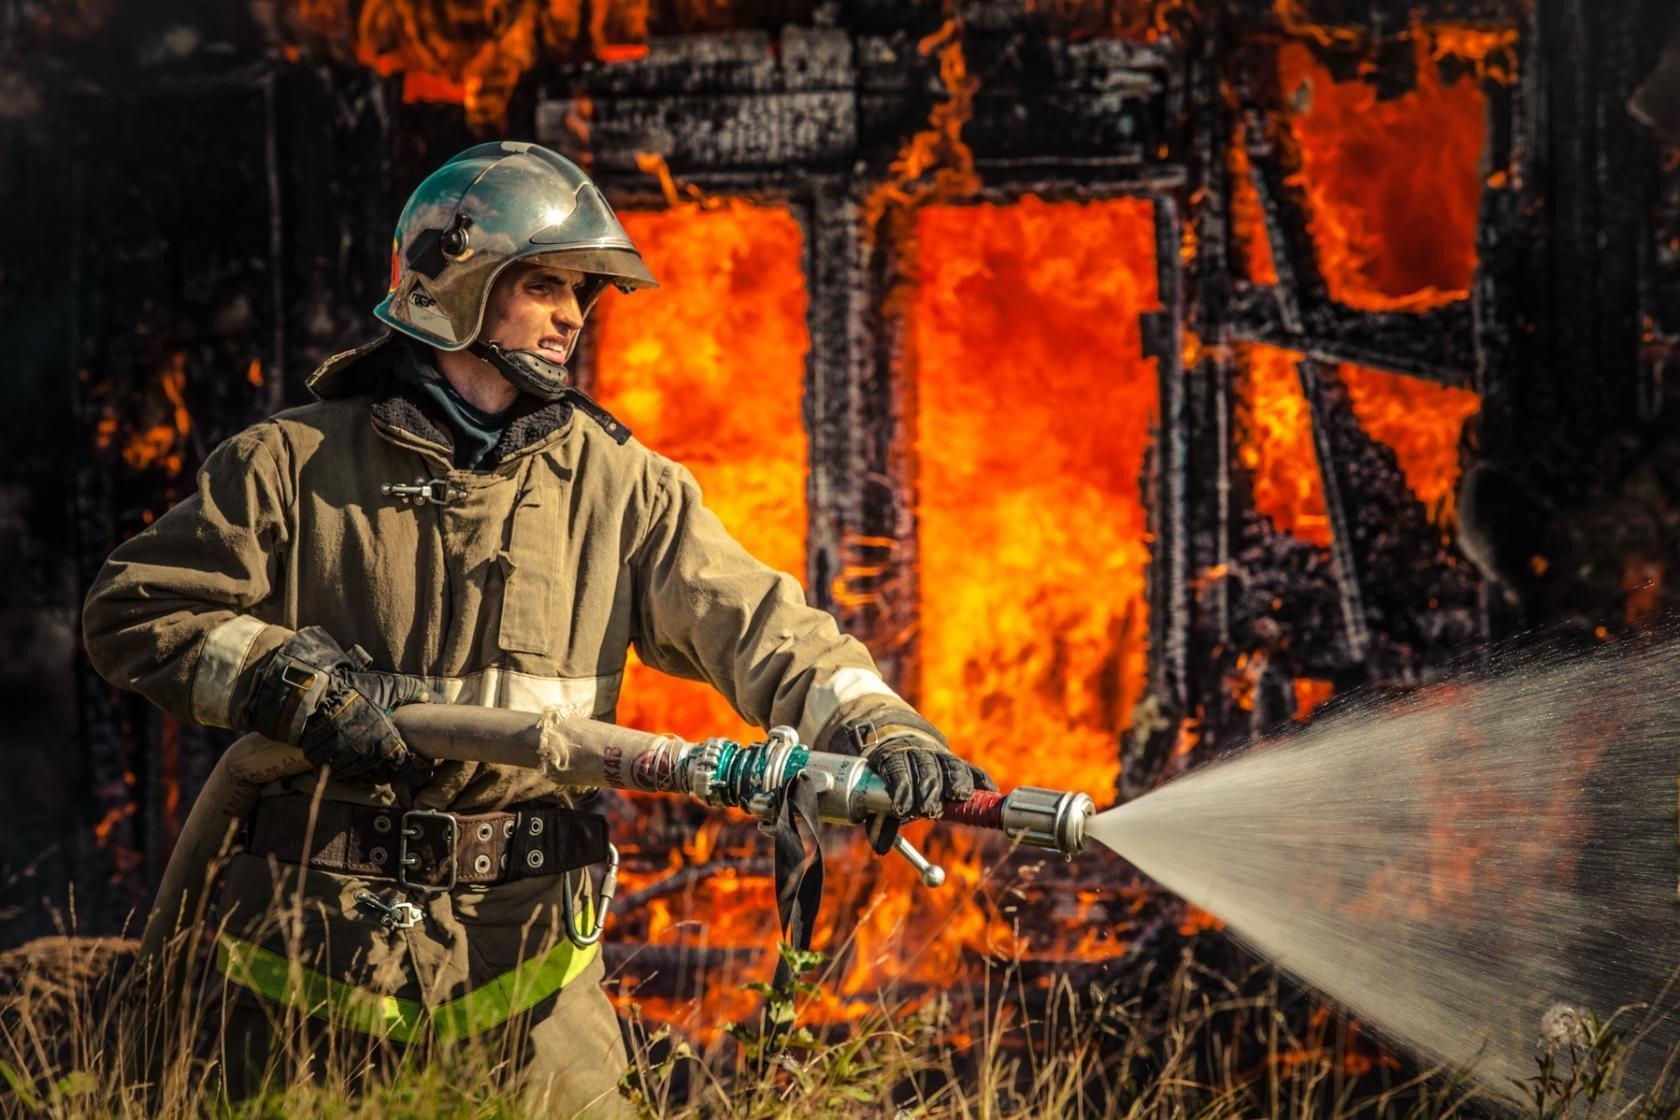 фото поздравление с днем пожарной охраны цвет зеленый